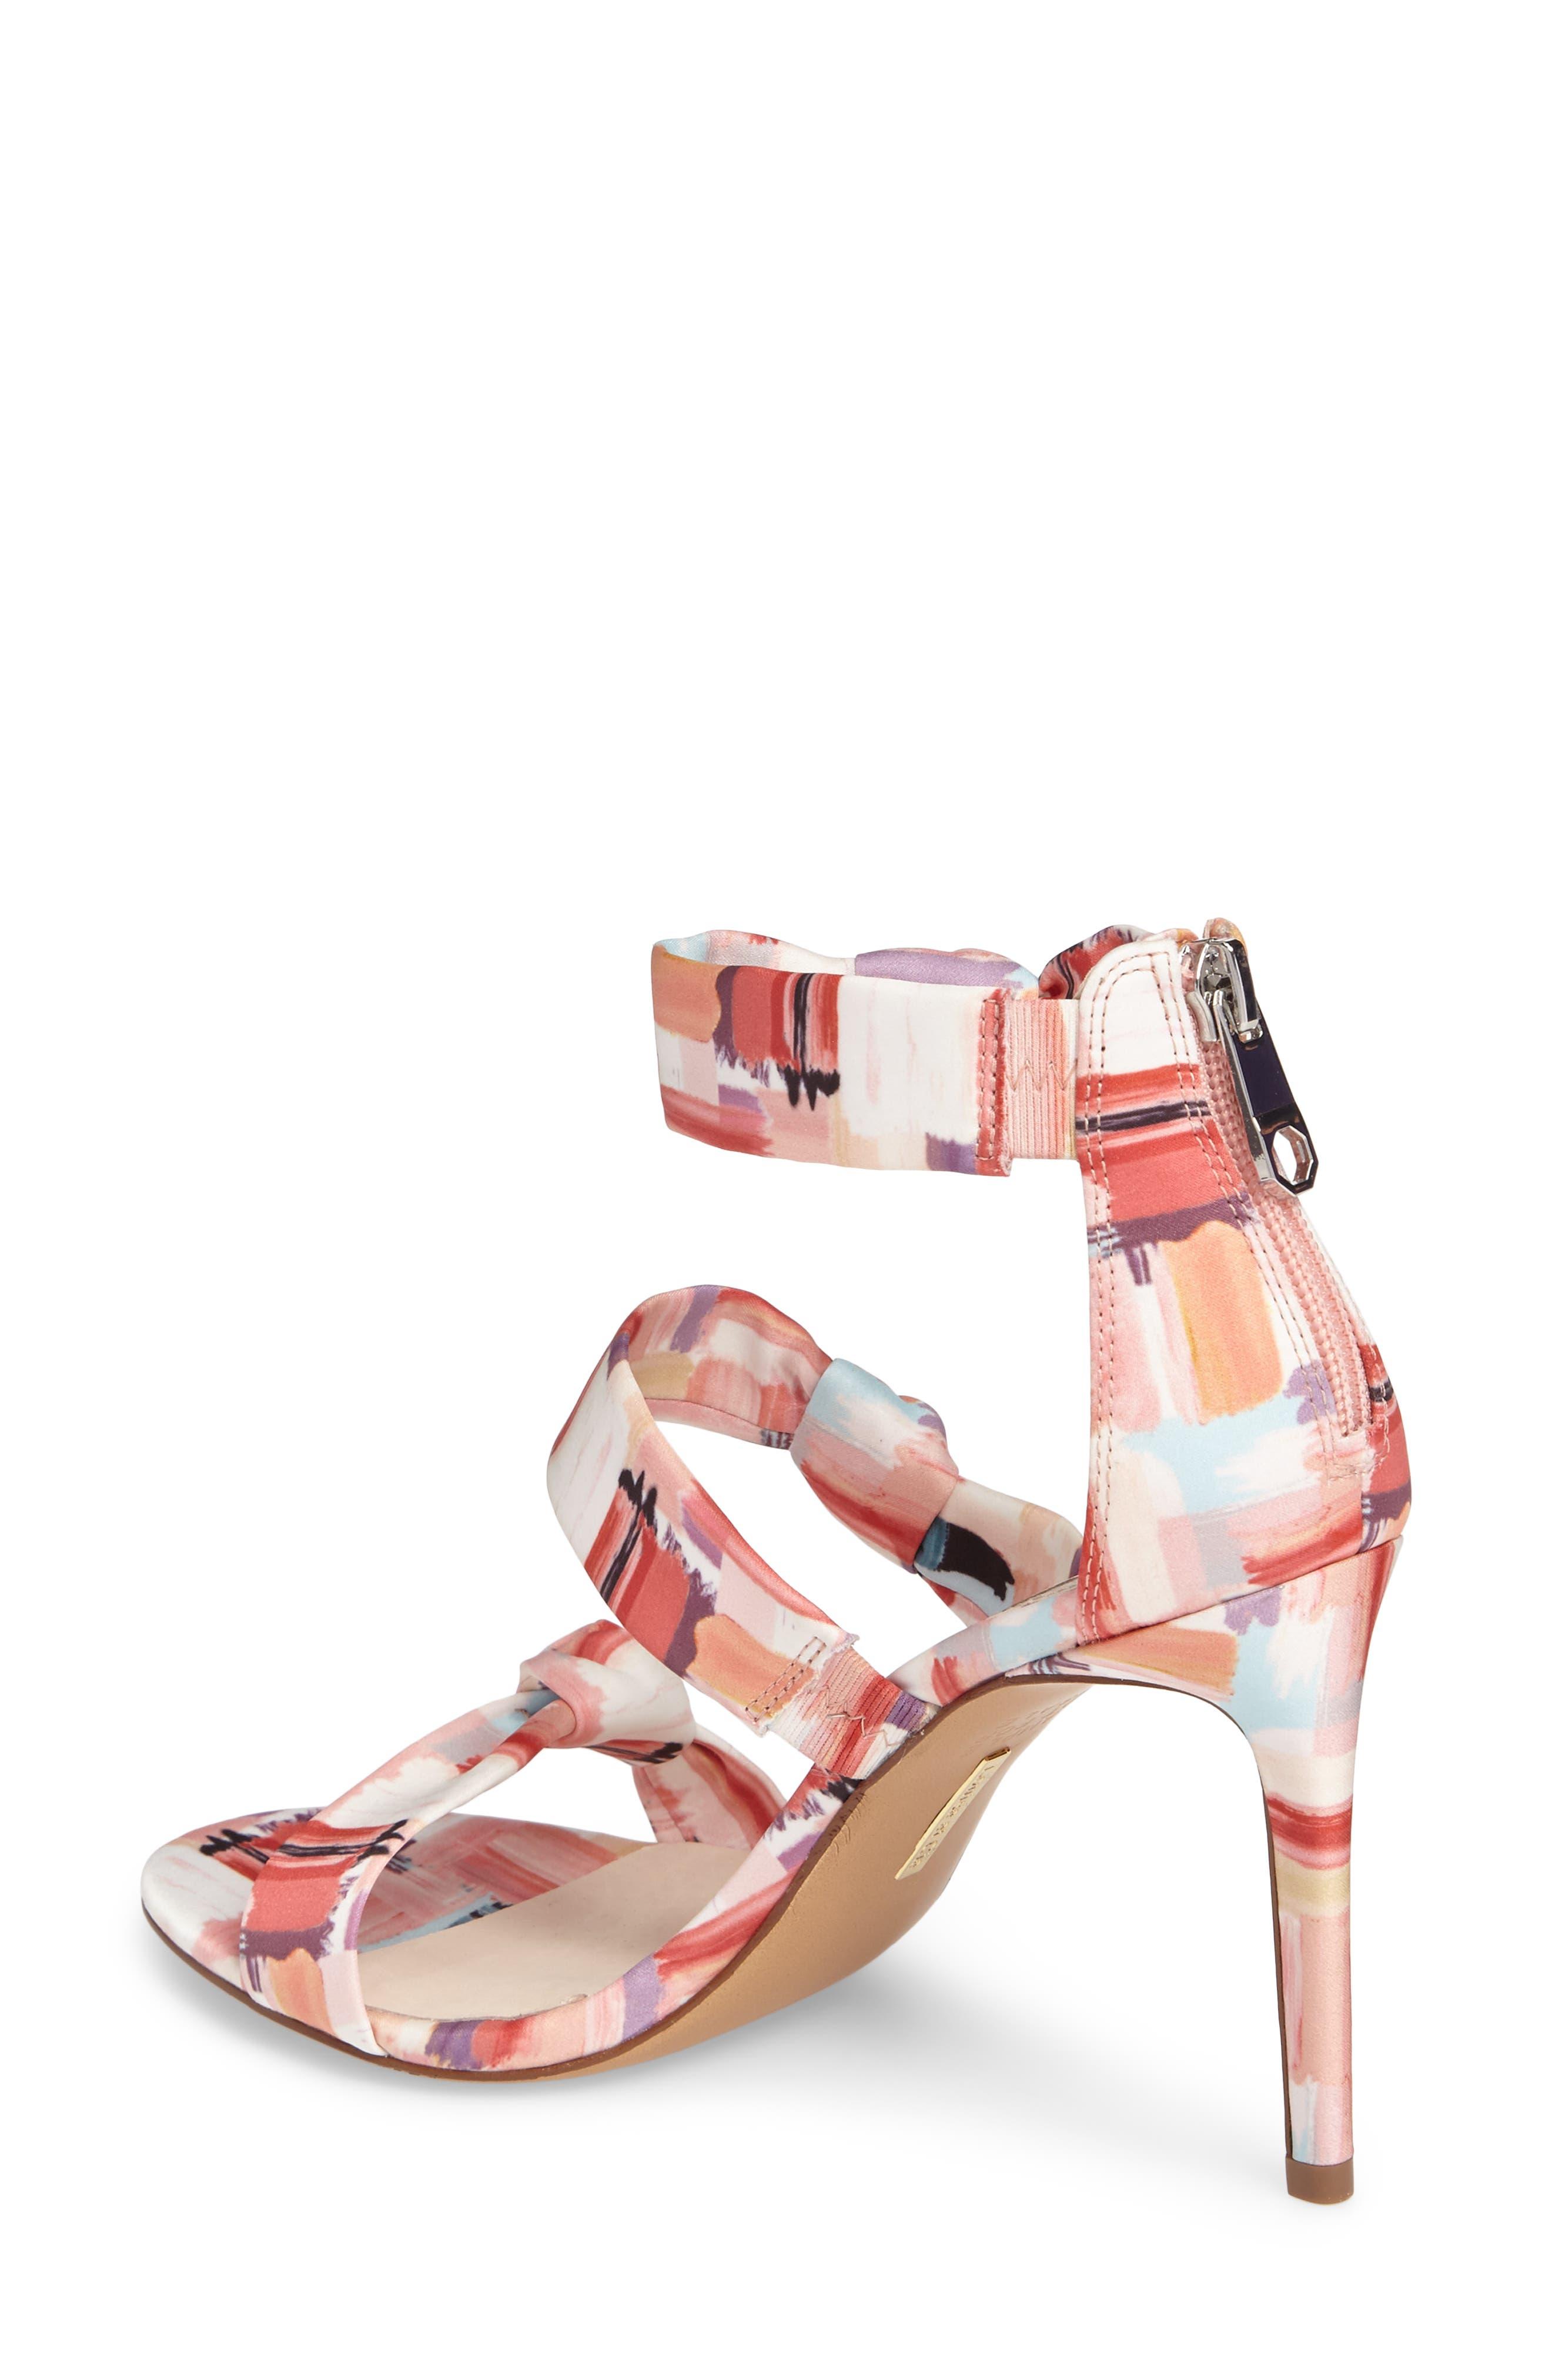 Klarissa Sandal,                             Alternate thumbnail 2, color,                             Coral Multi Satin